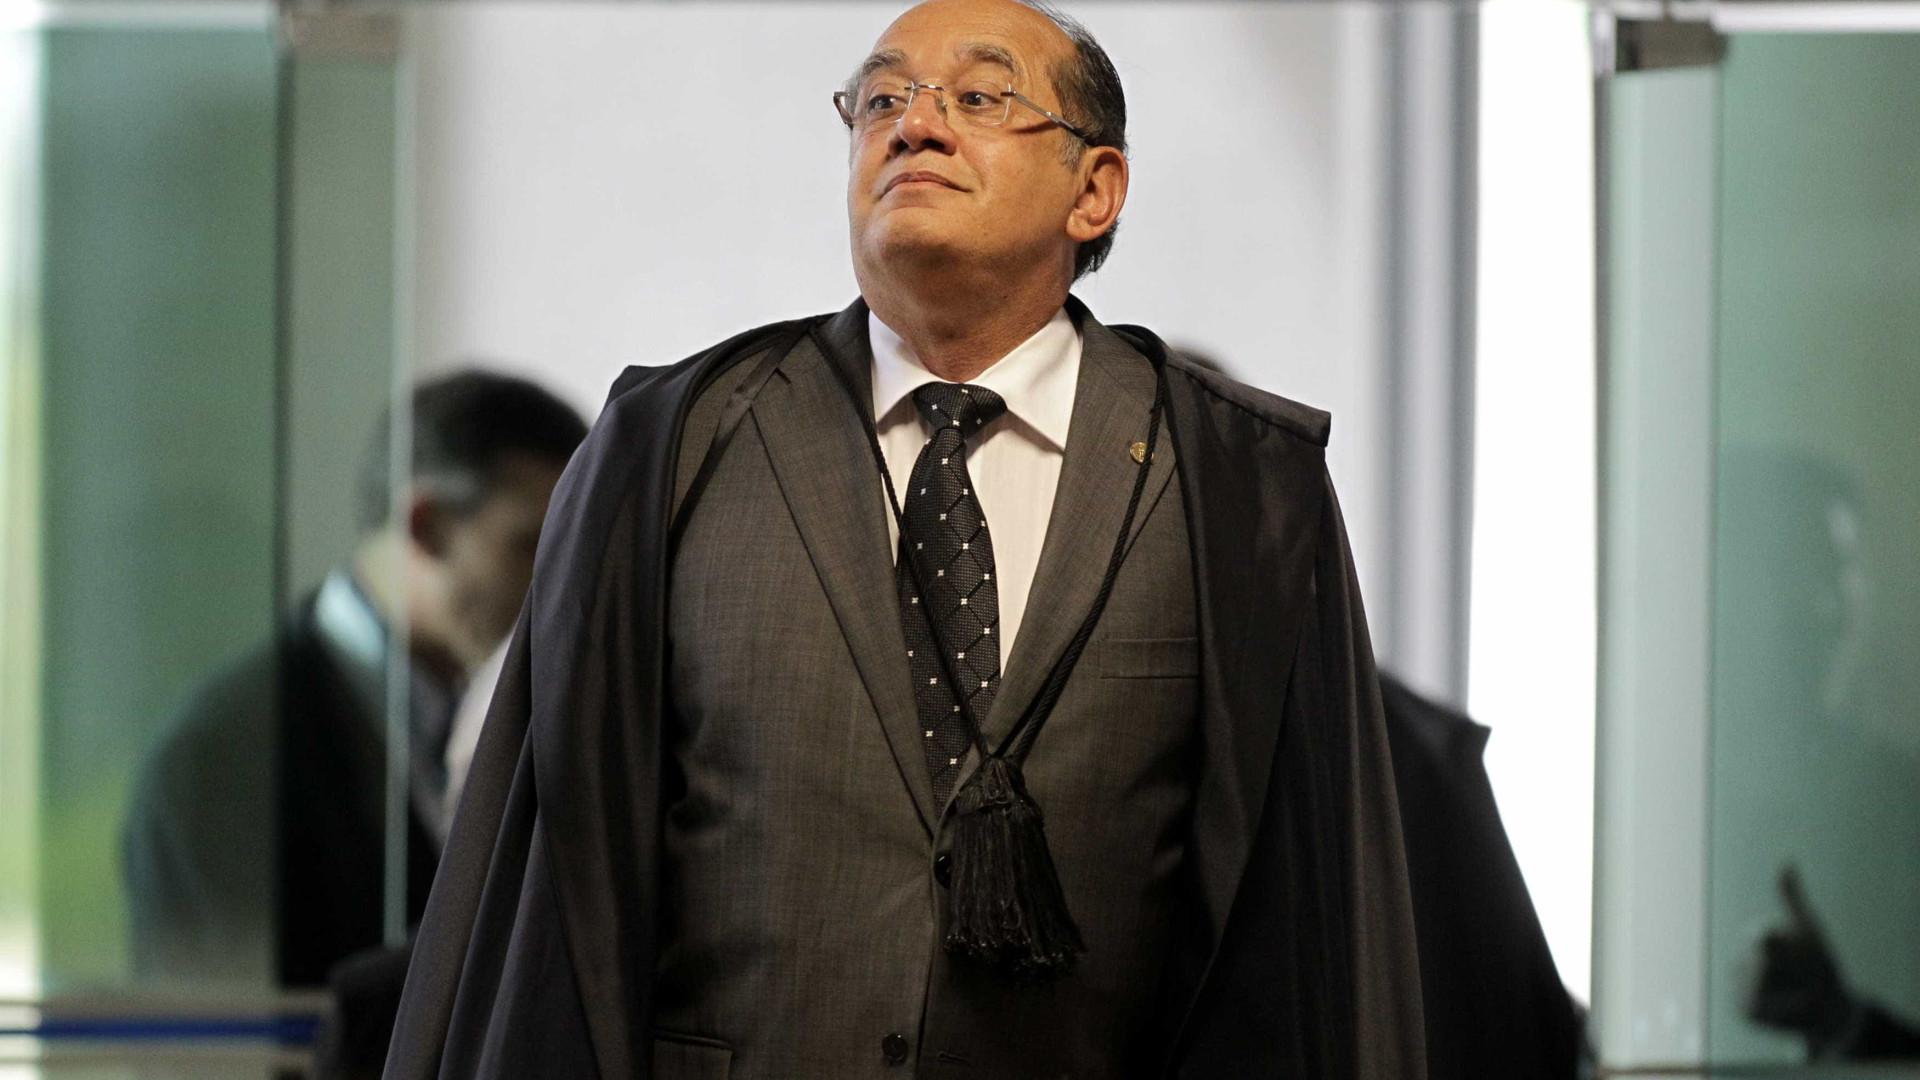 Decisão no período eleitoral é imprópria, diz Gilmar Mendes